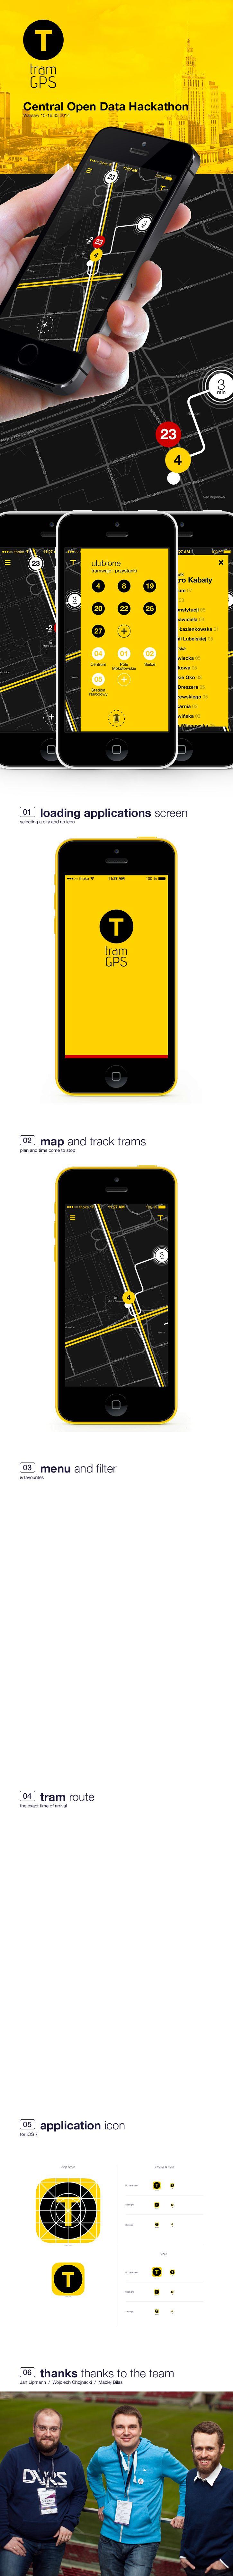 길을 알려주는 백의 쓰임과 앱의 화면이 동일시 되어 좋다.